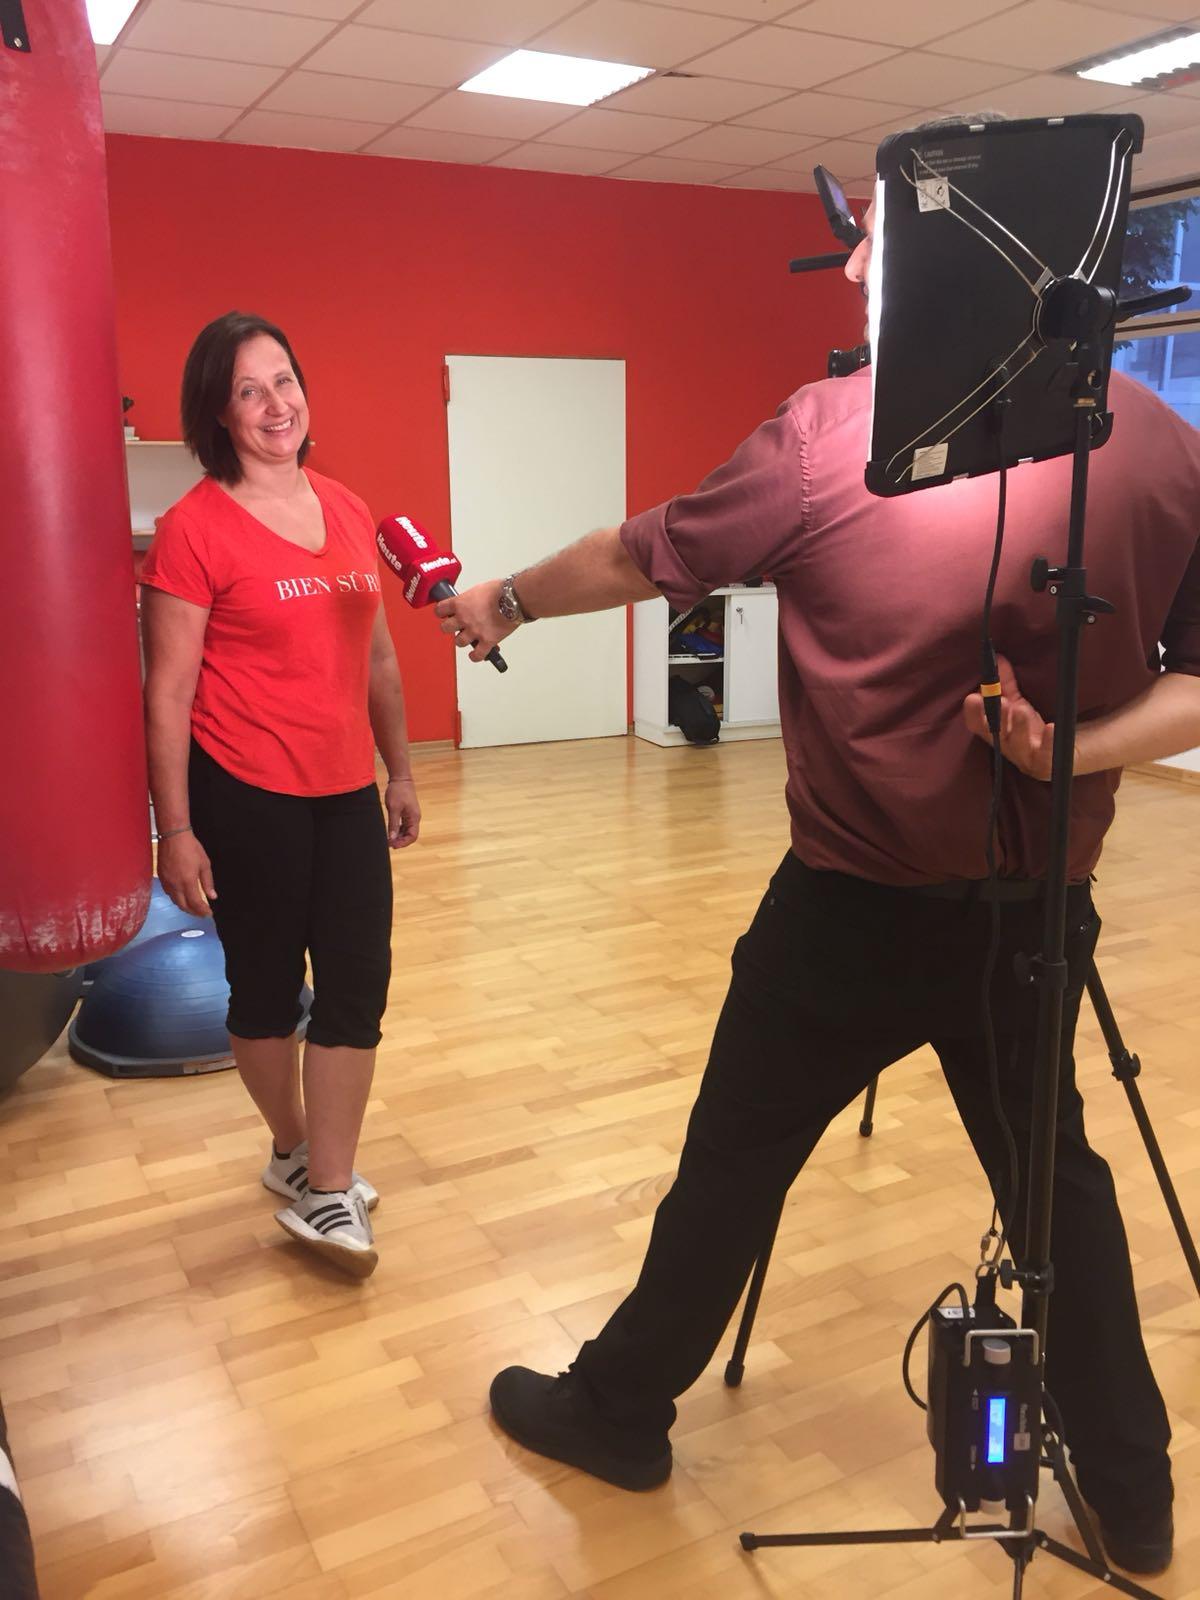 Bettina Pernstich während der Interviewsituation im Boxclub